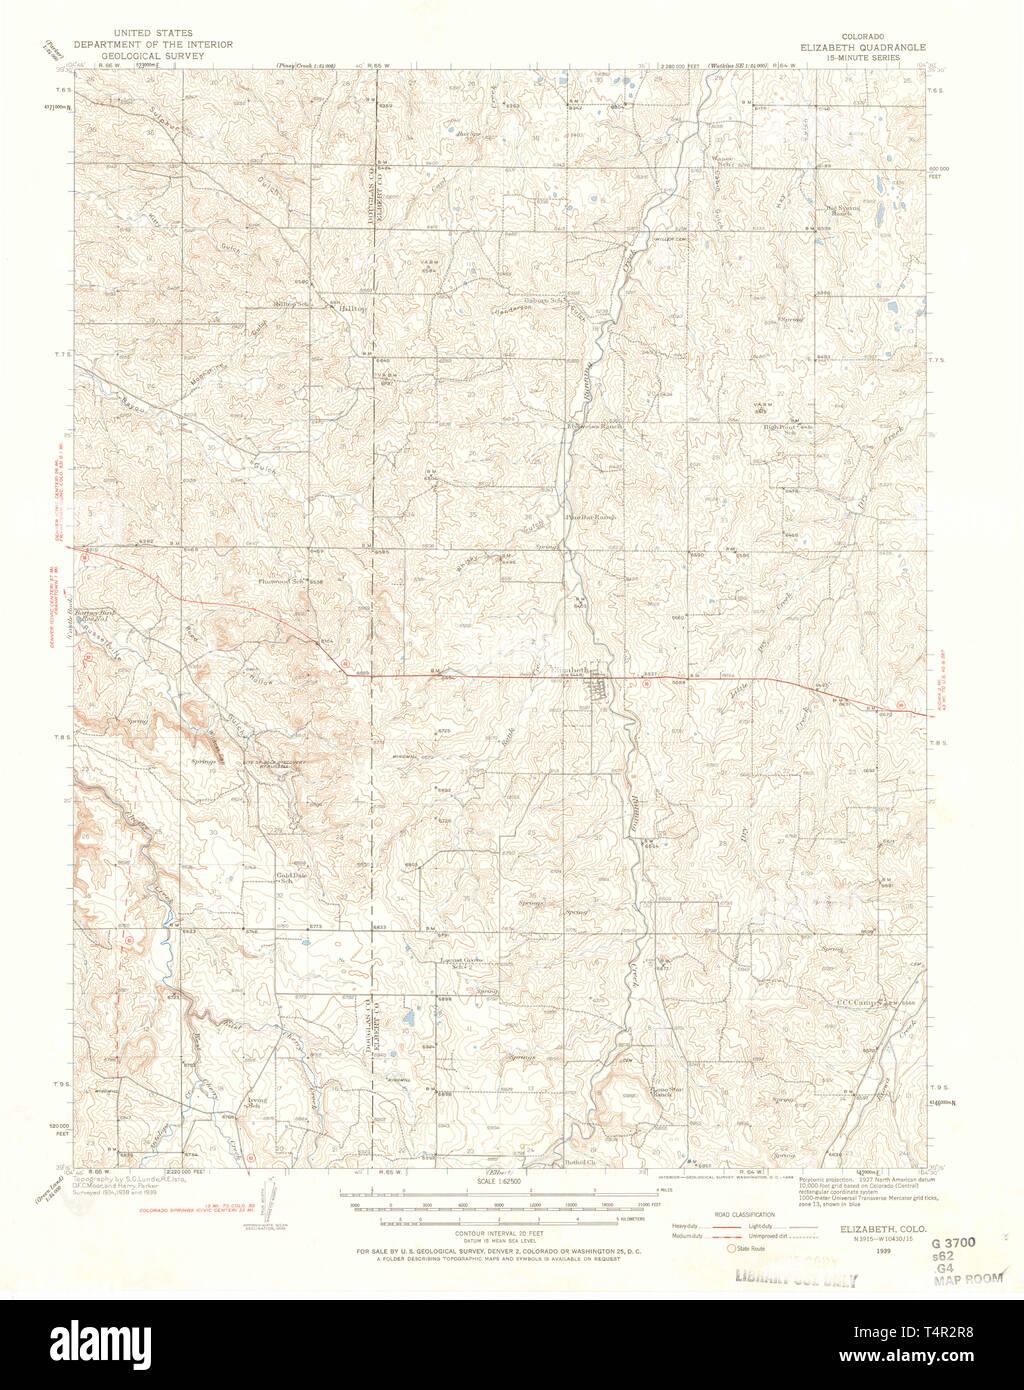 Usgs Topo Map Colorado Co Elizabeth 402879 1939 62500